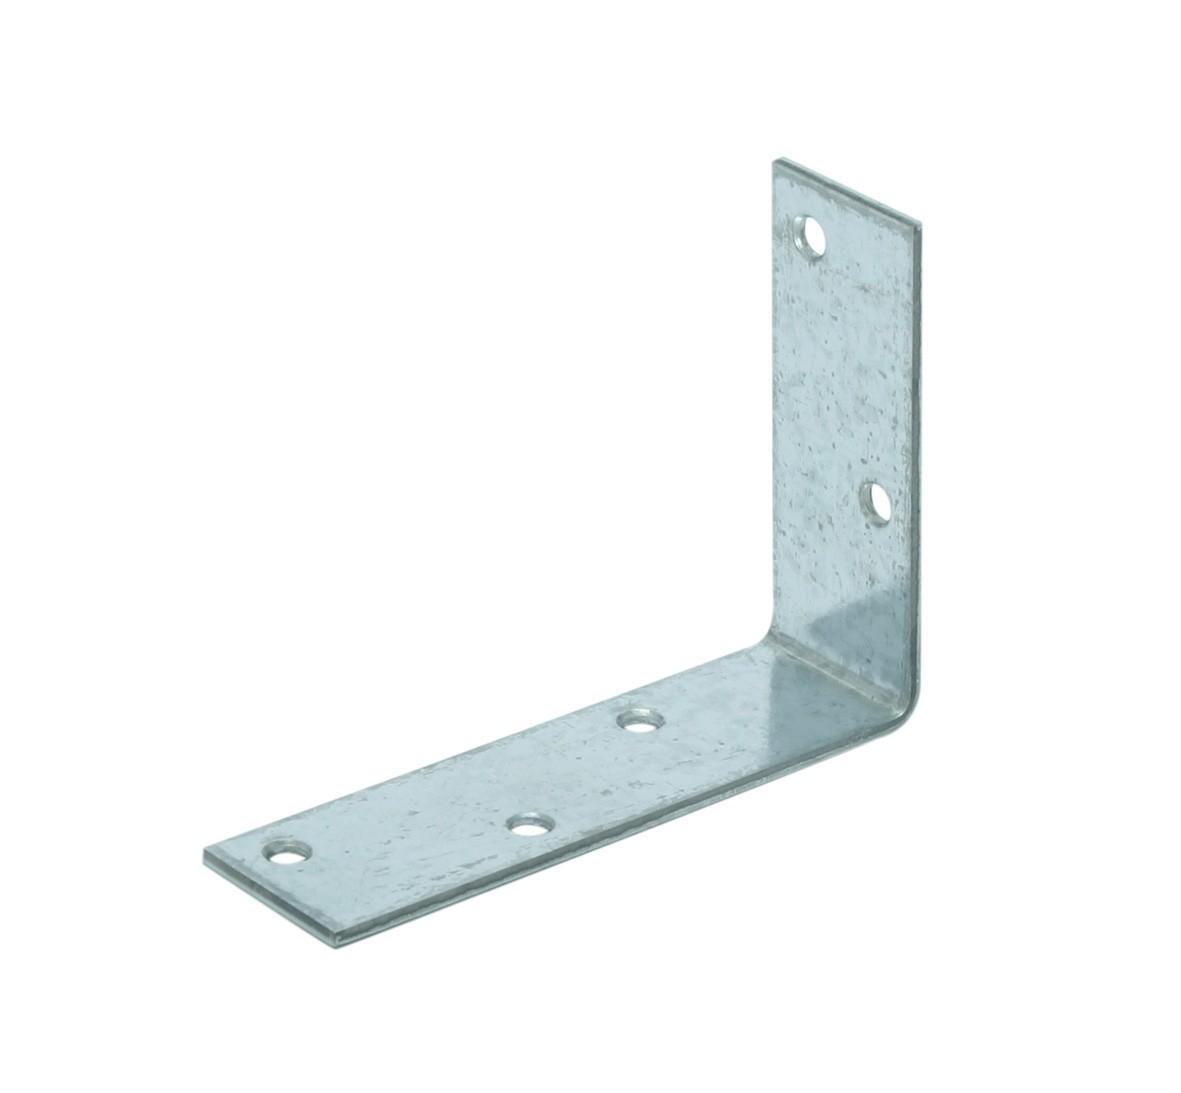 Frame connector 105x75 30x2,5 SV